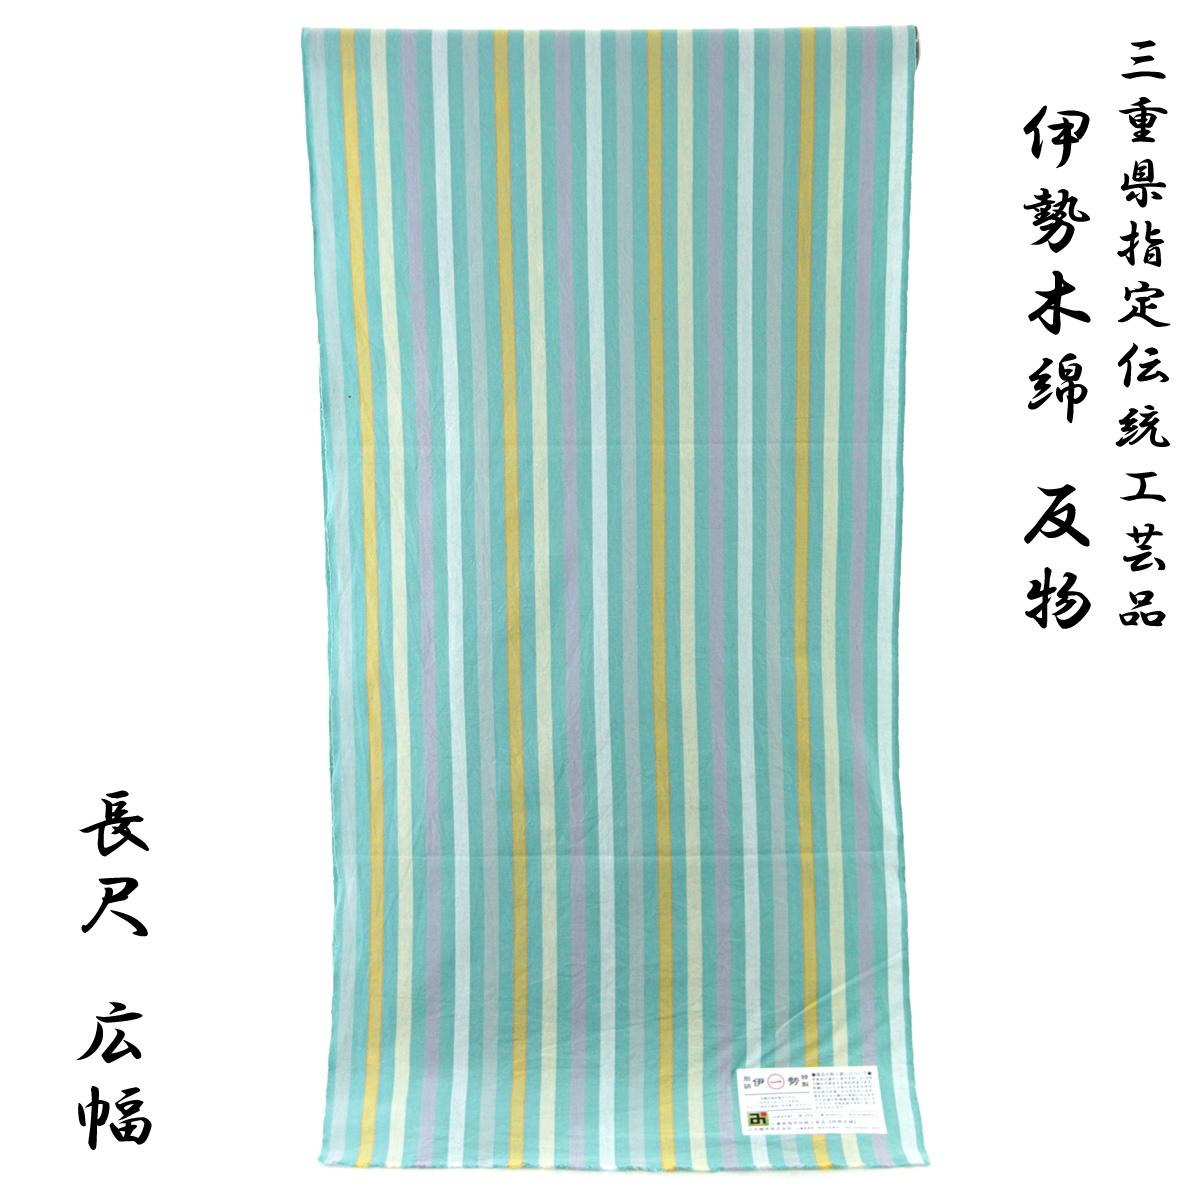 伊勢木綿 反物 -36- 長尺 広幅 臼井織布 綿100% 青磁色 縞柄